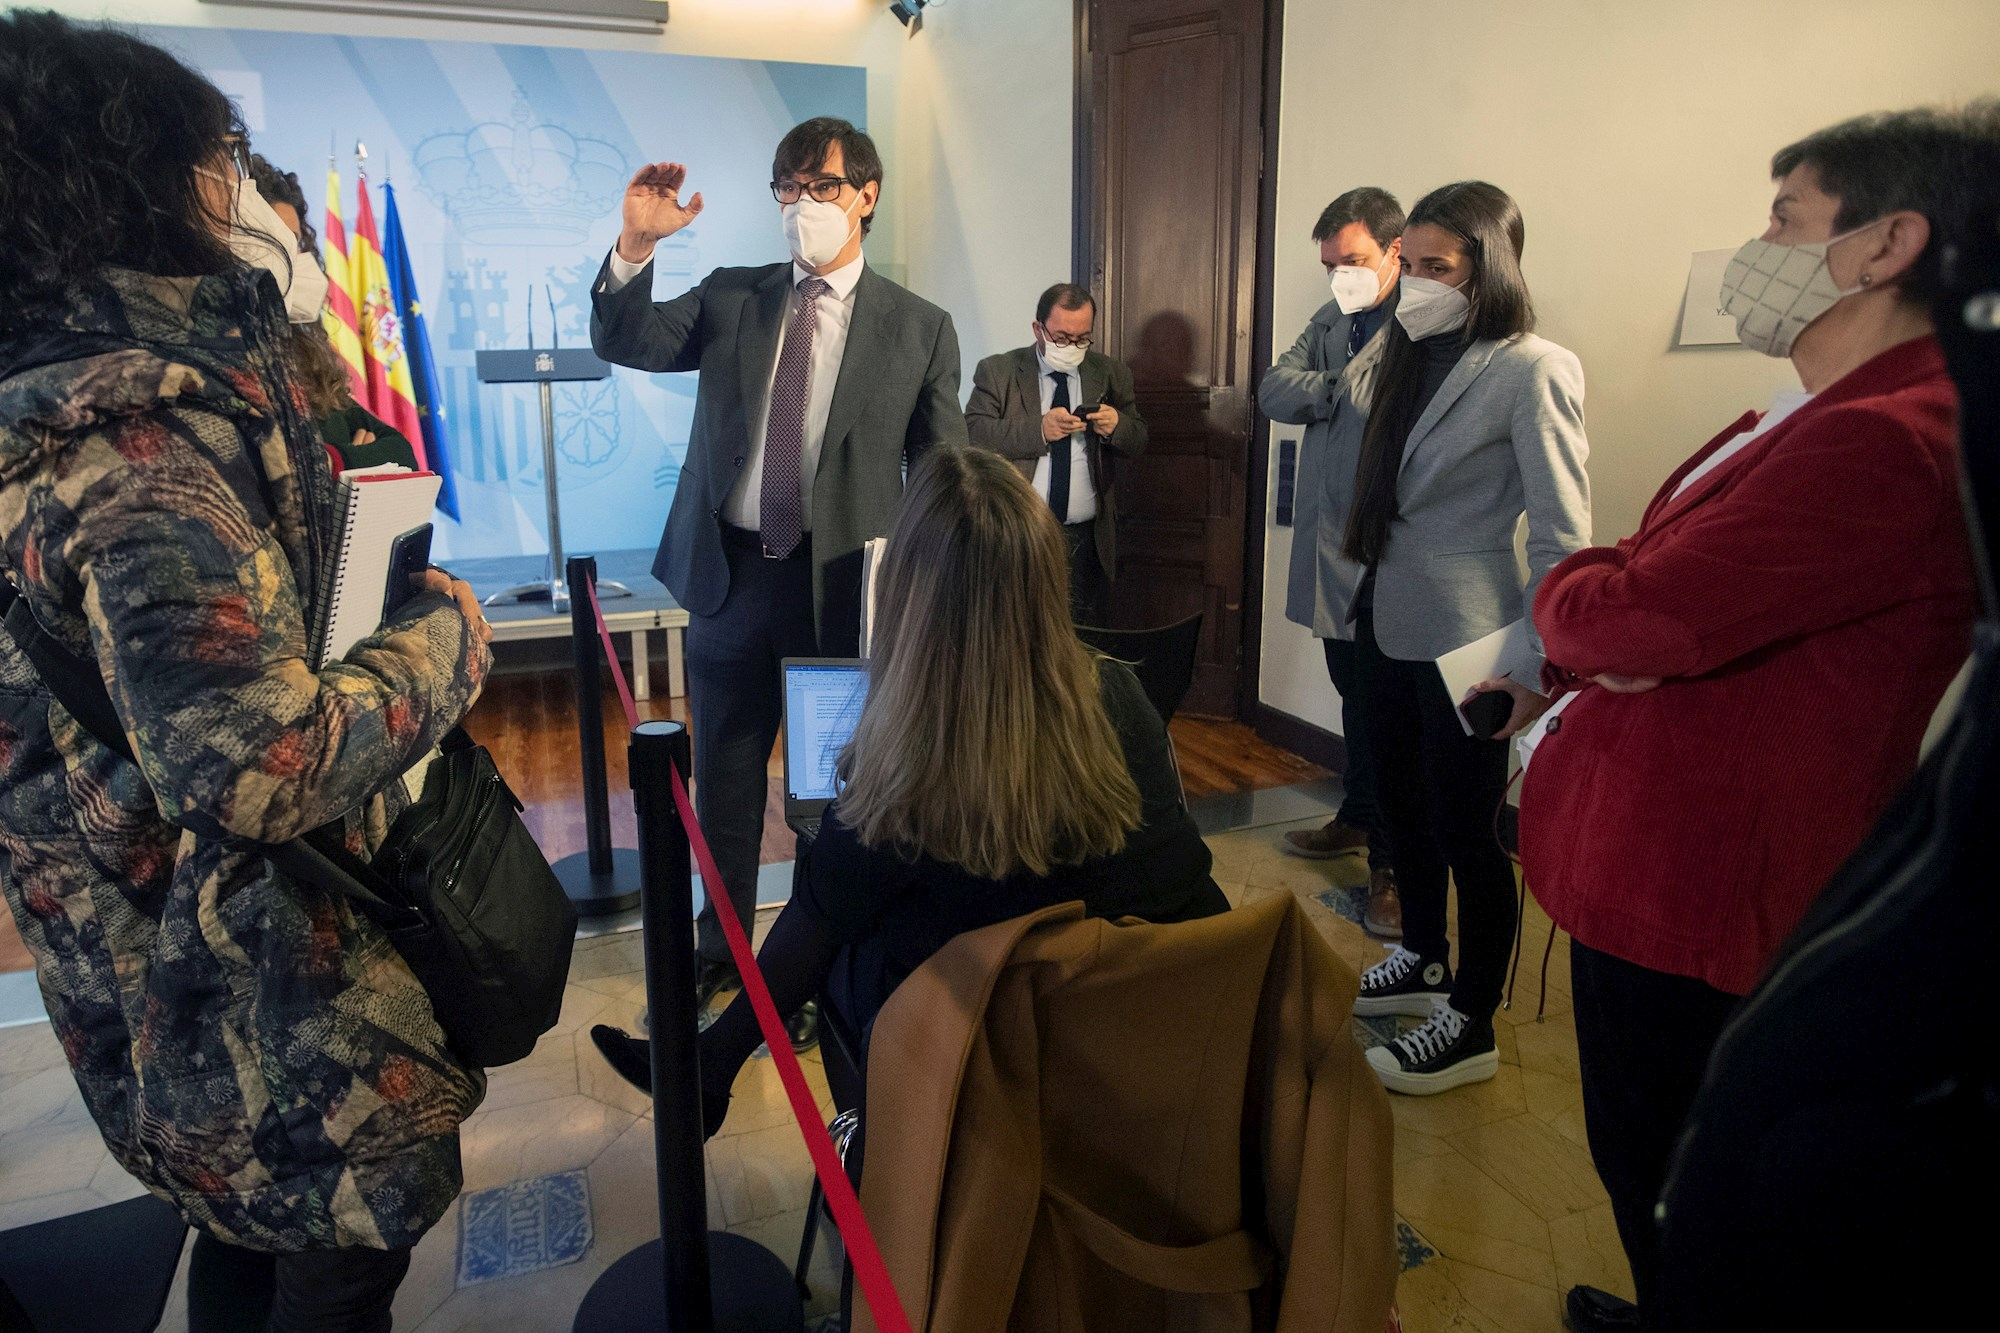 El ministro de Sanidad y candidato del PSC a las elecciones catalanas, Salvador Illa, conversa con varios periodistas en la Delegación del Gobierno en Barcelona, el 16 de enero de 2021 | EFE/MP/Archivo